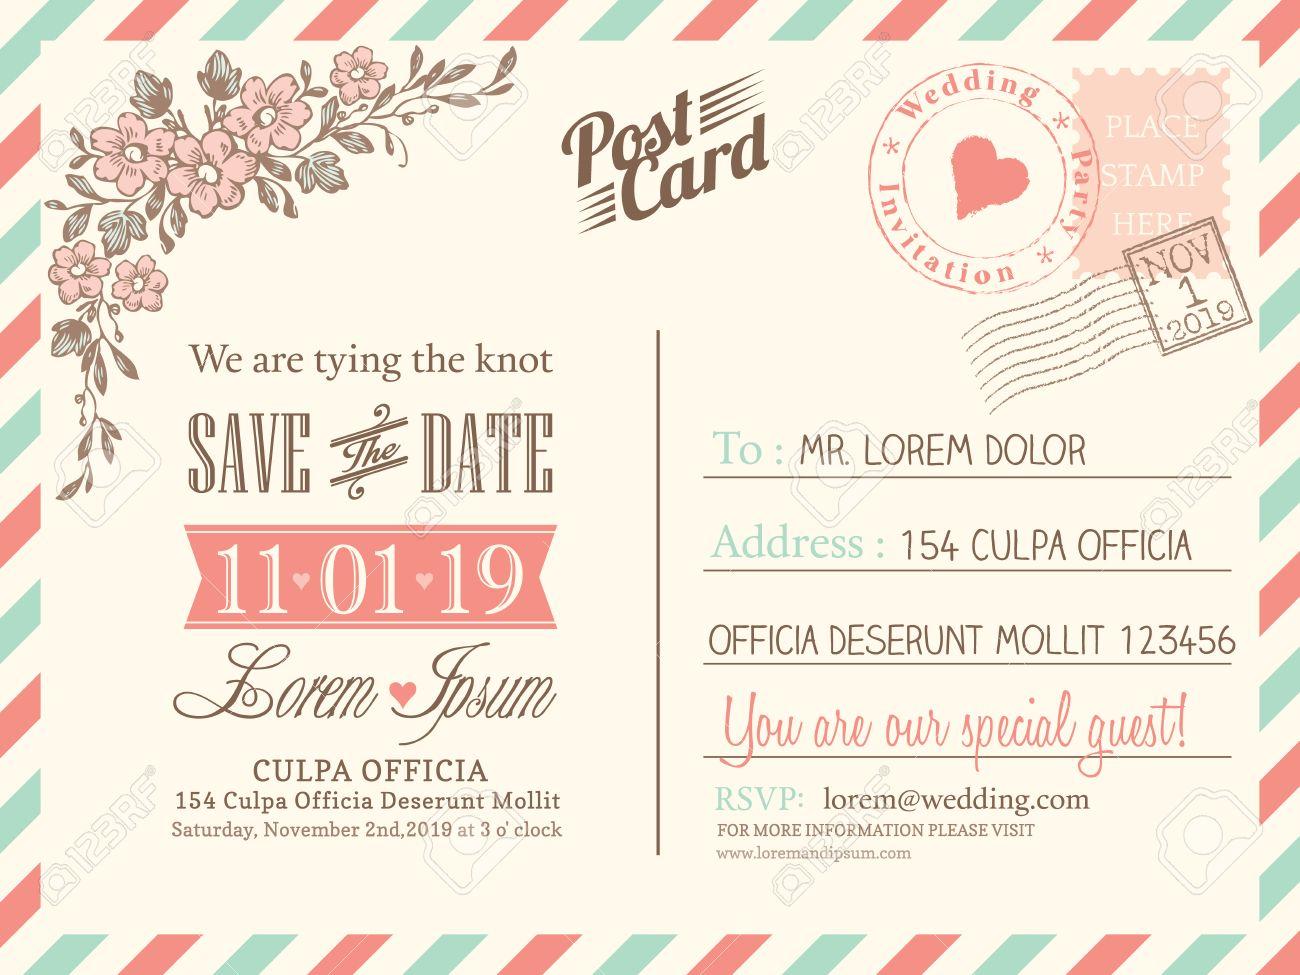 Fondo De Tarjeta Postal Tarjeta Vector Vendimia Para La Invitación De La Boda